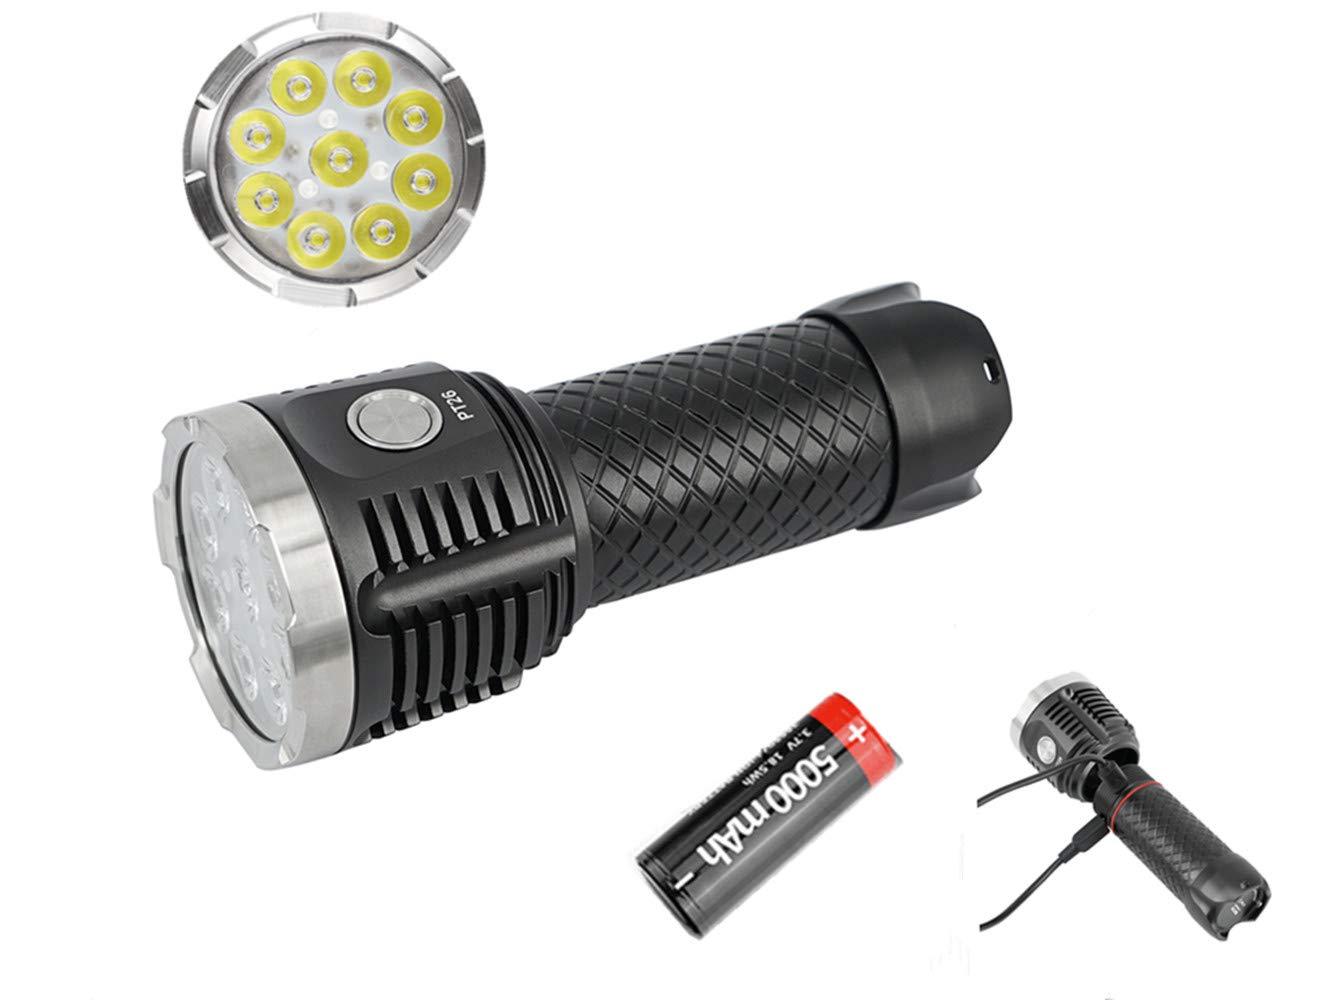 MecArmy PT26ウルトラブライト3850ルーメン2 USB充電ポート6モードパワーバンク機能IPX-8防水懐中電灯 B07QX5ZPCT